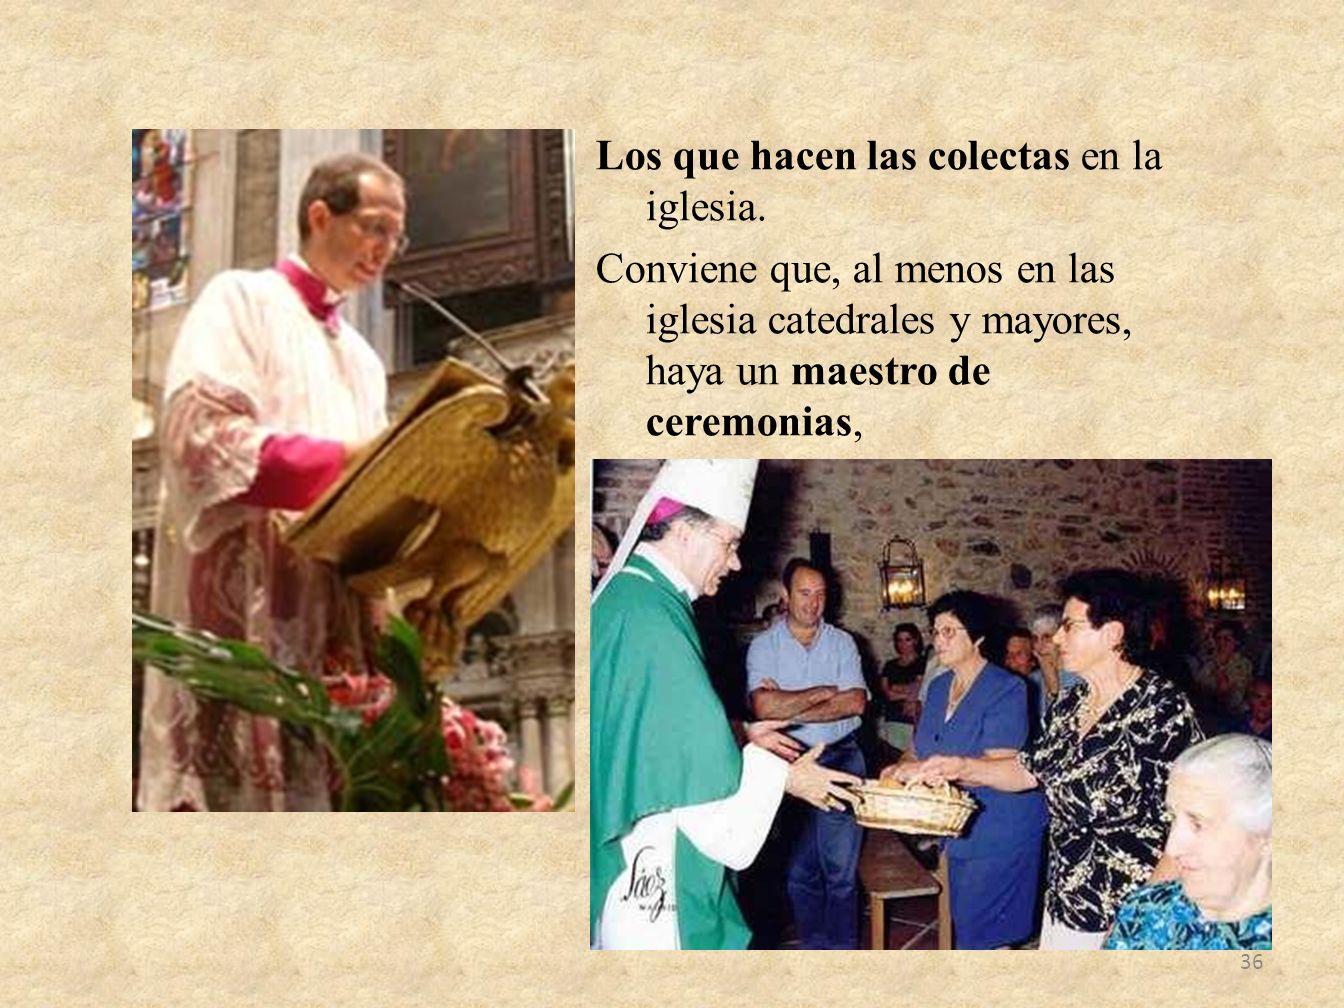 Los que hacen las colectas en la iglesia. Conviene que, al menos en las iglesia catedrales y mayores, haya un maestro de ceremonias, 36